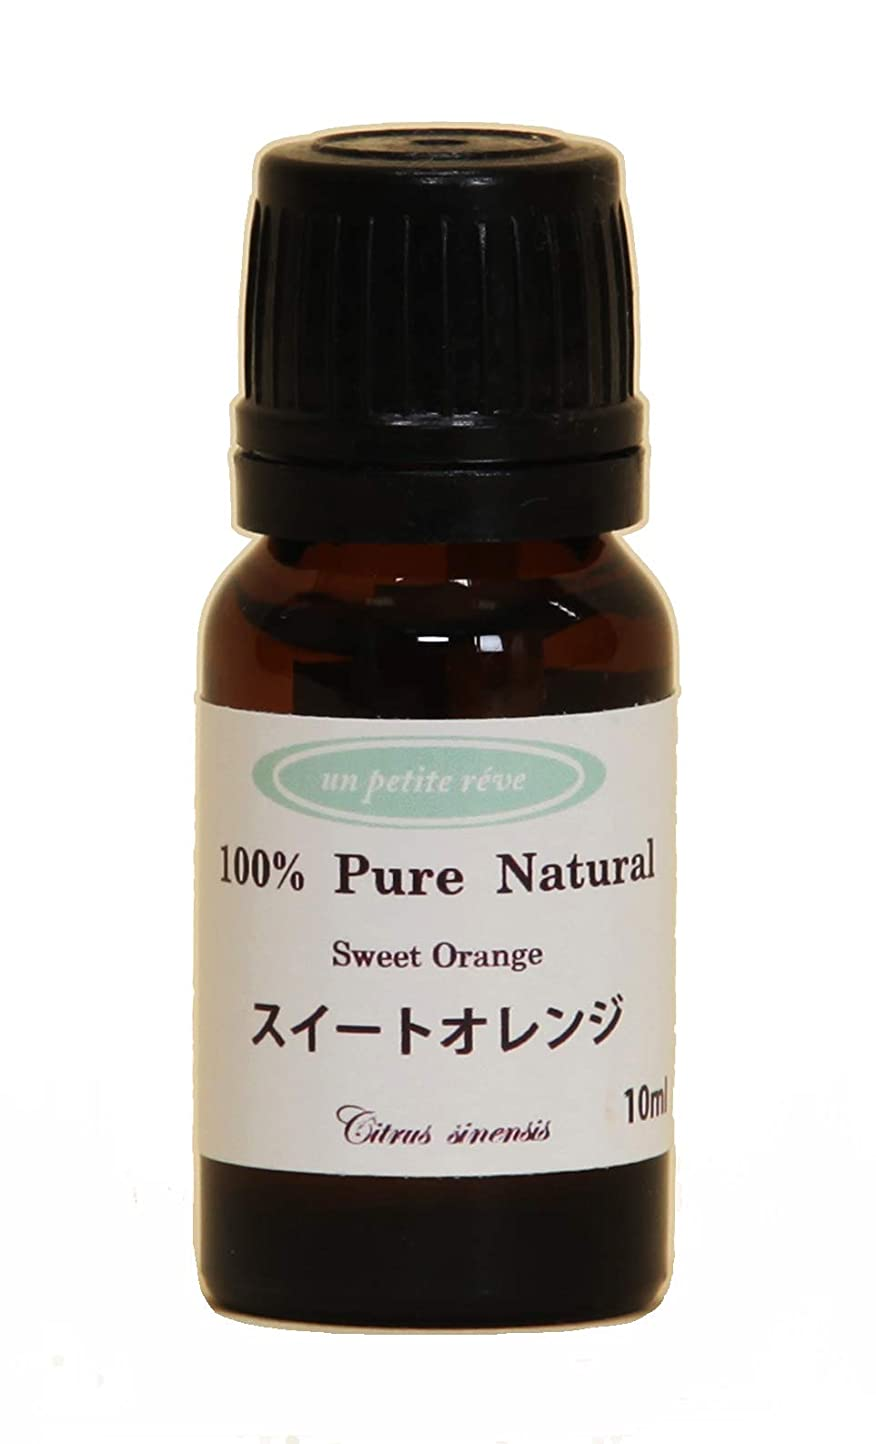 メールを書く肩をすくめる不格好スイートオレンジ 10ml 100%天然アロマエッセンシャルオイル(精油)